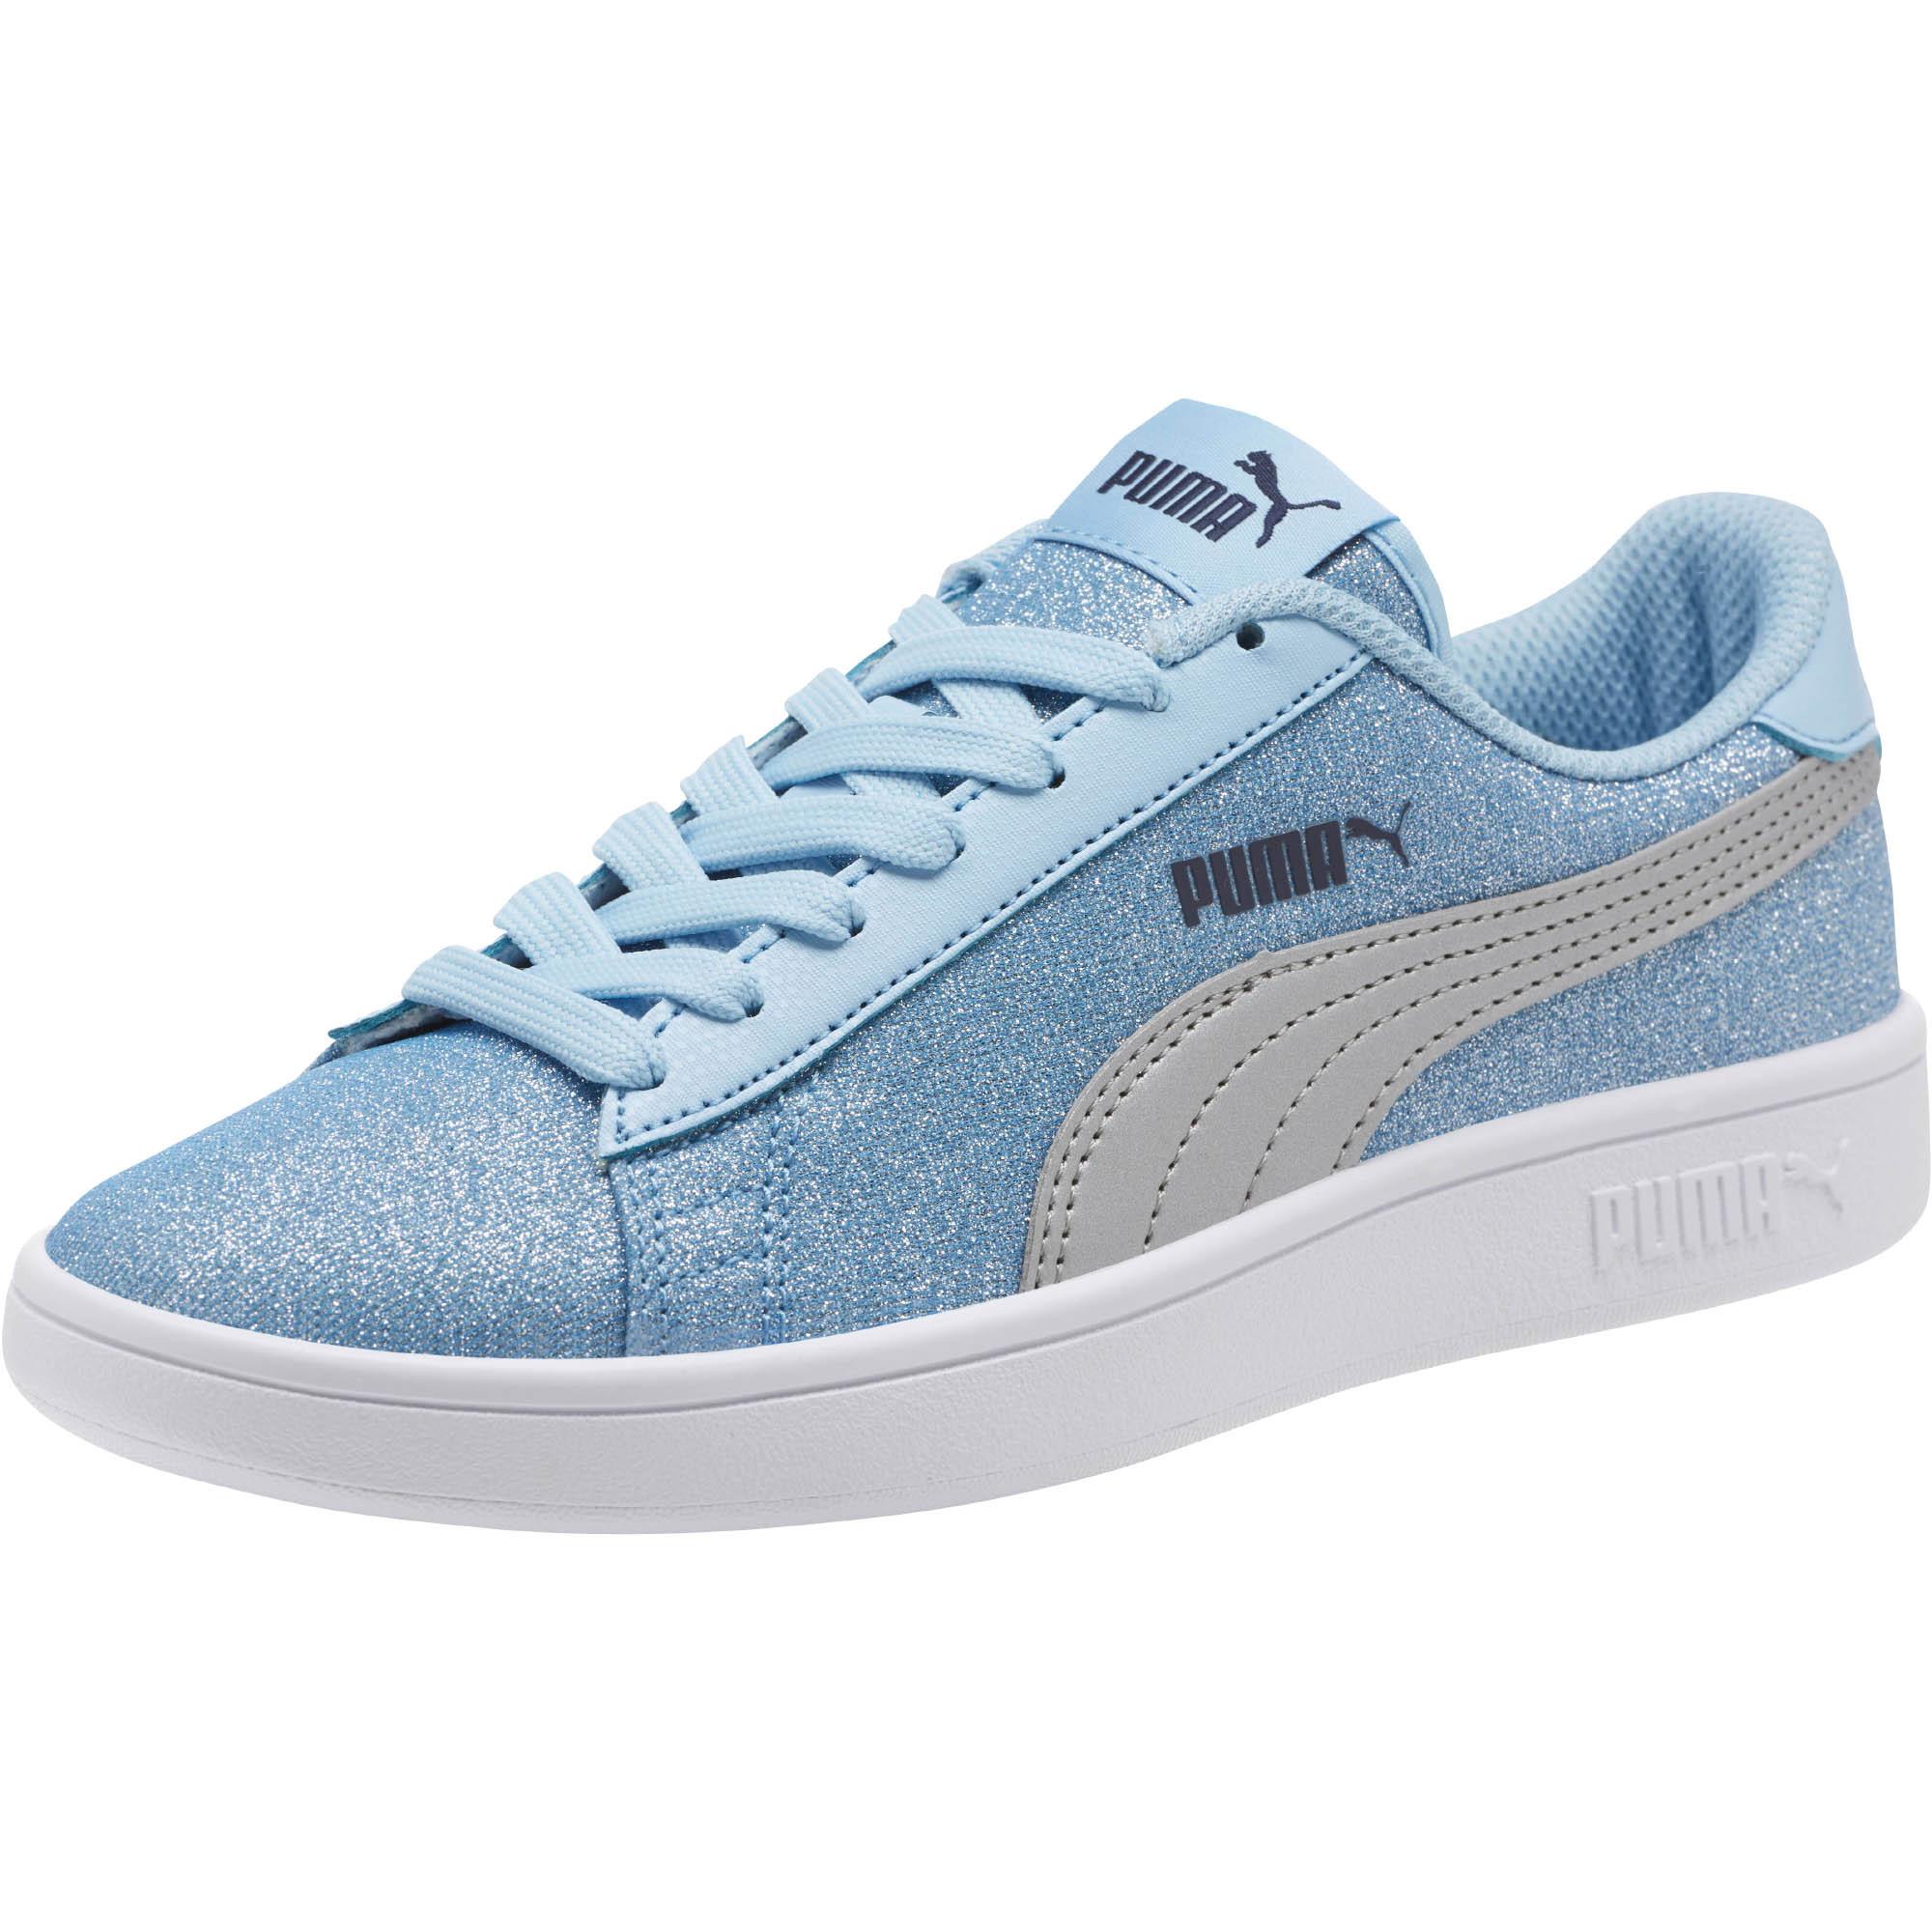 62889bd7462 Official Puma Store  PUMA Smash v2 Glitz Glam JR Sneakers